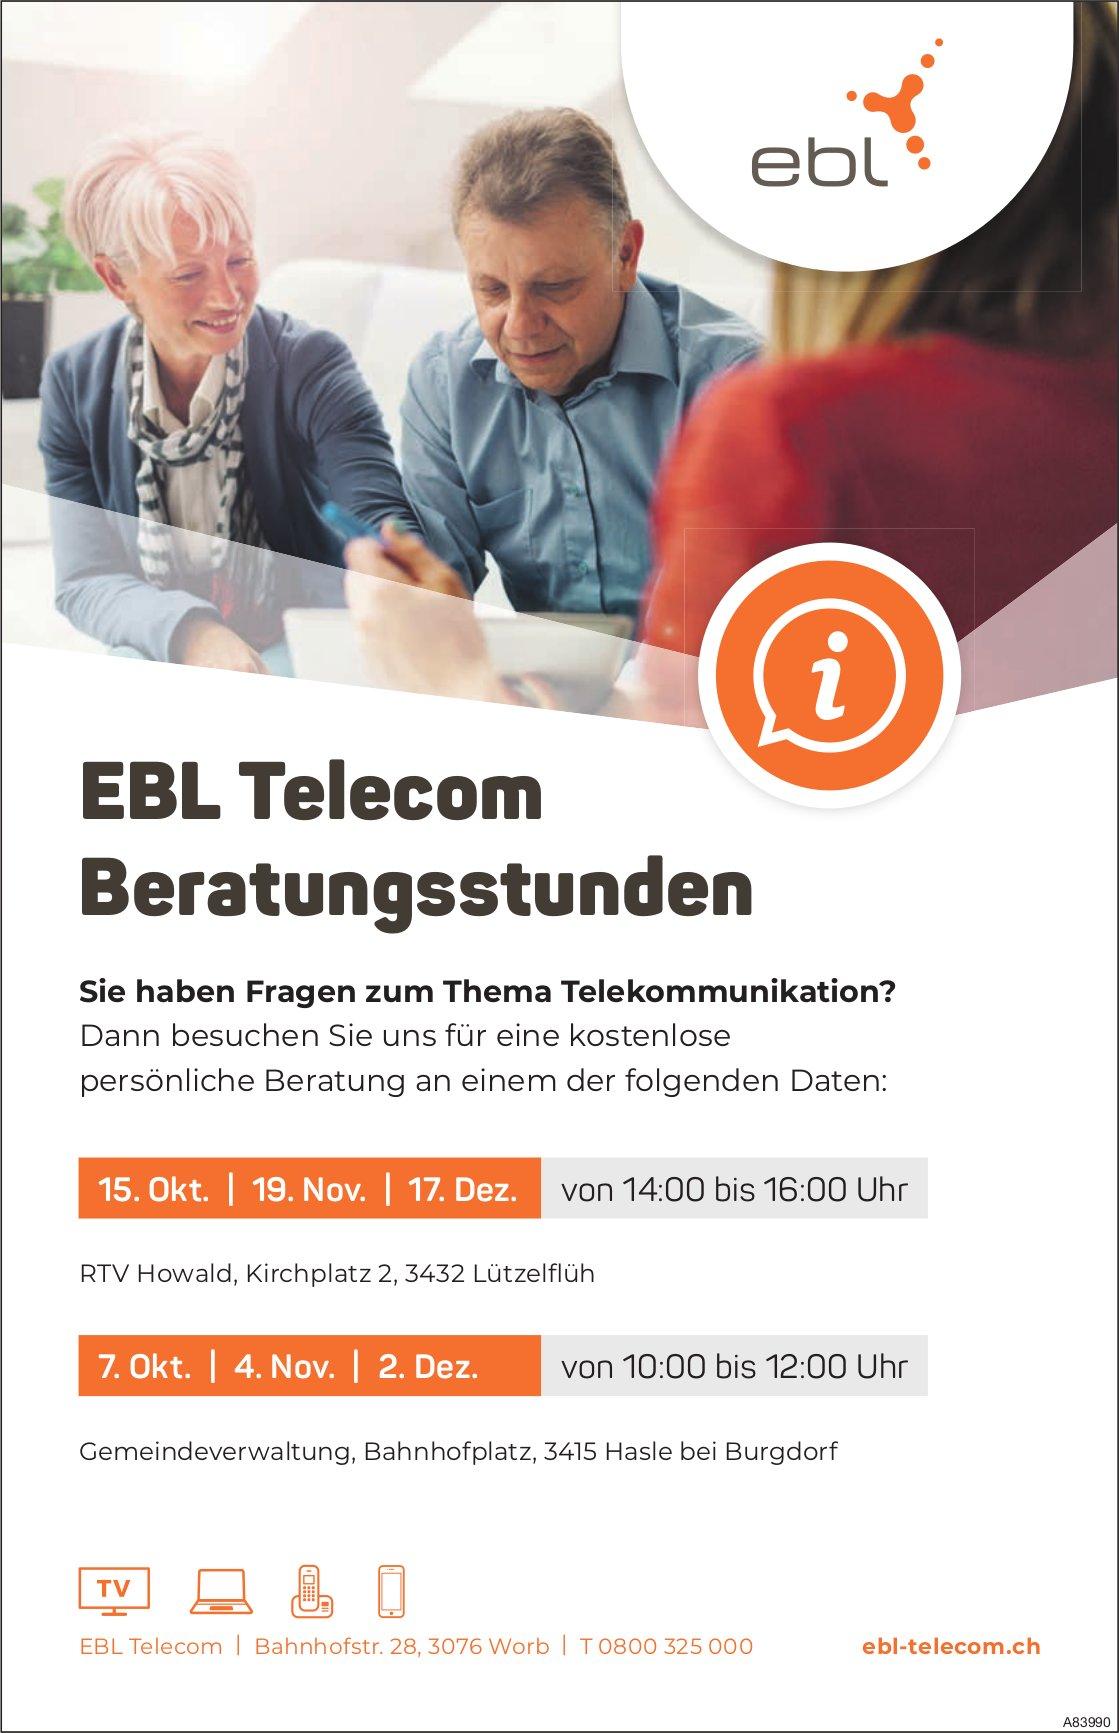 EBL Telecom Beratungsstunden, 2. + 17. Dezember